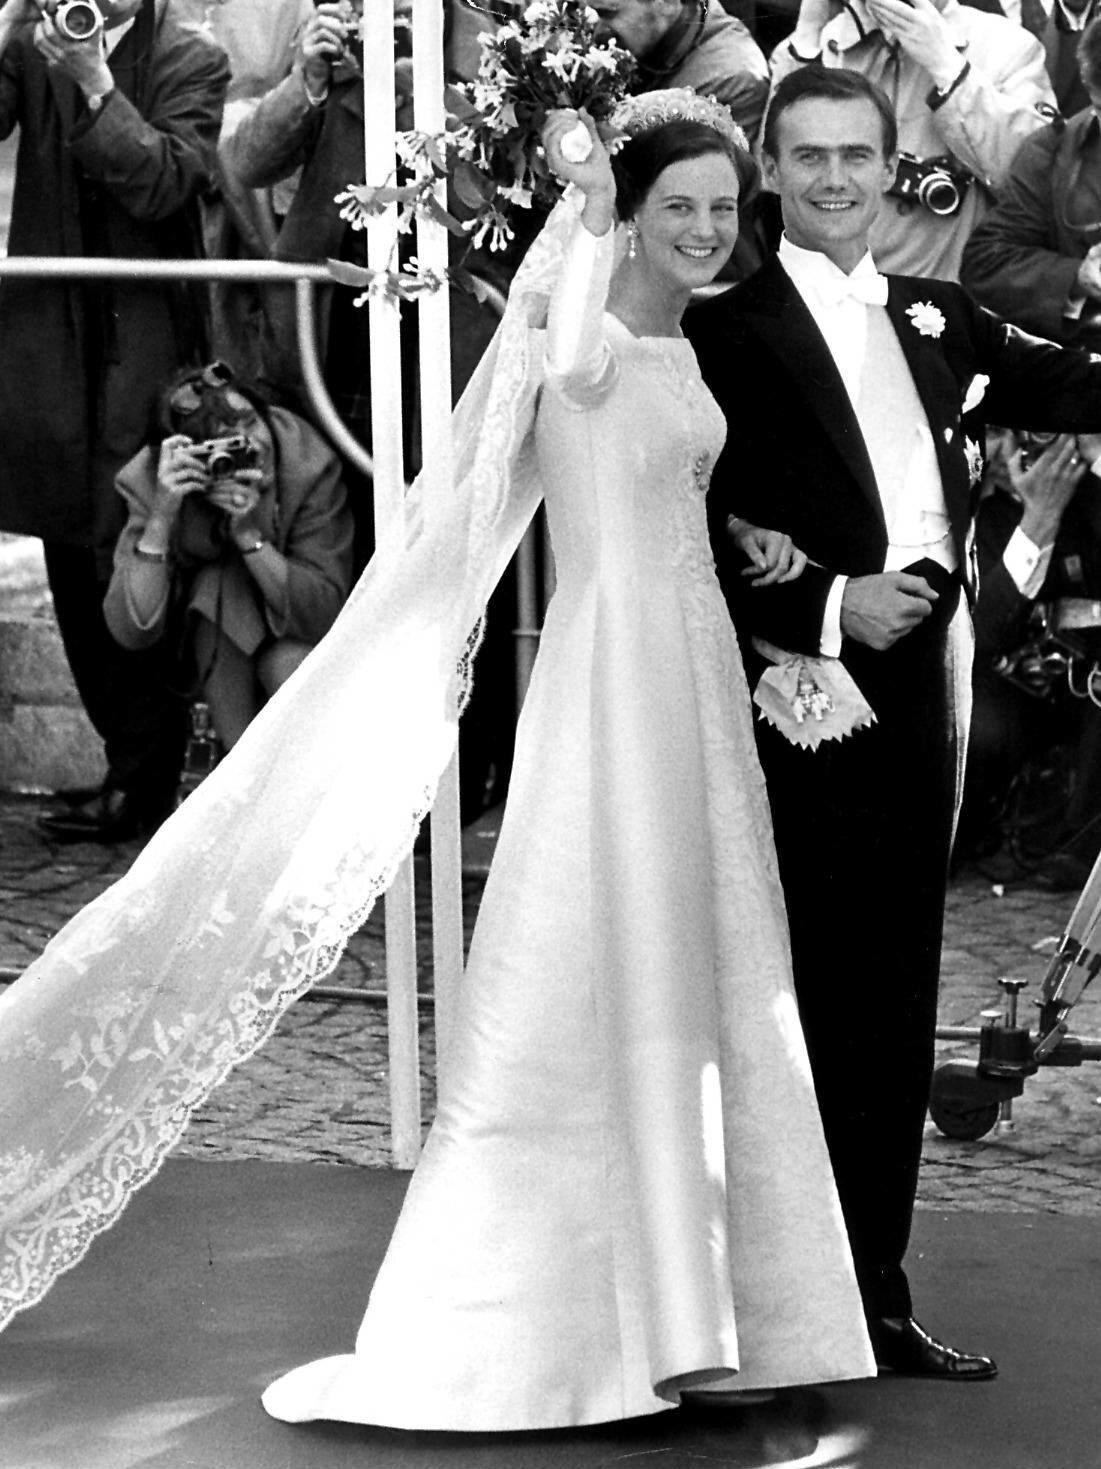 Am 10. Juni 1967, einen Tag vor dem 33. Geburtstag des Bräutigams, läuteten die Hochzeitsglocken für Margrethe und Henri. Die Braut trug ein Kleid aus Seide und Spitze. Besonderer Hingucker war die Gänseblümchenbrosche (unterhalb der Brust), die sie von ihrer Großmutter Margareta stammte.  © picture alliance/Scanpix Denmark